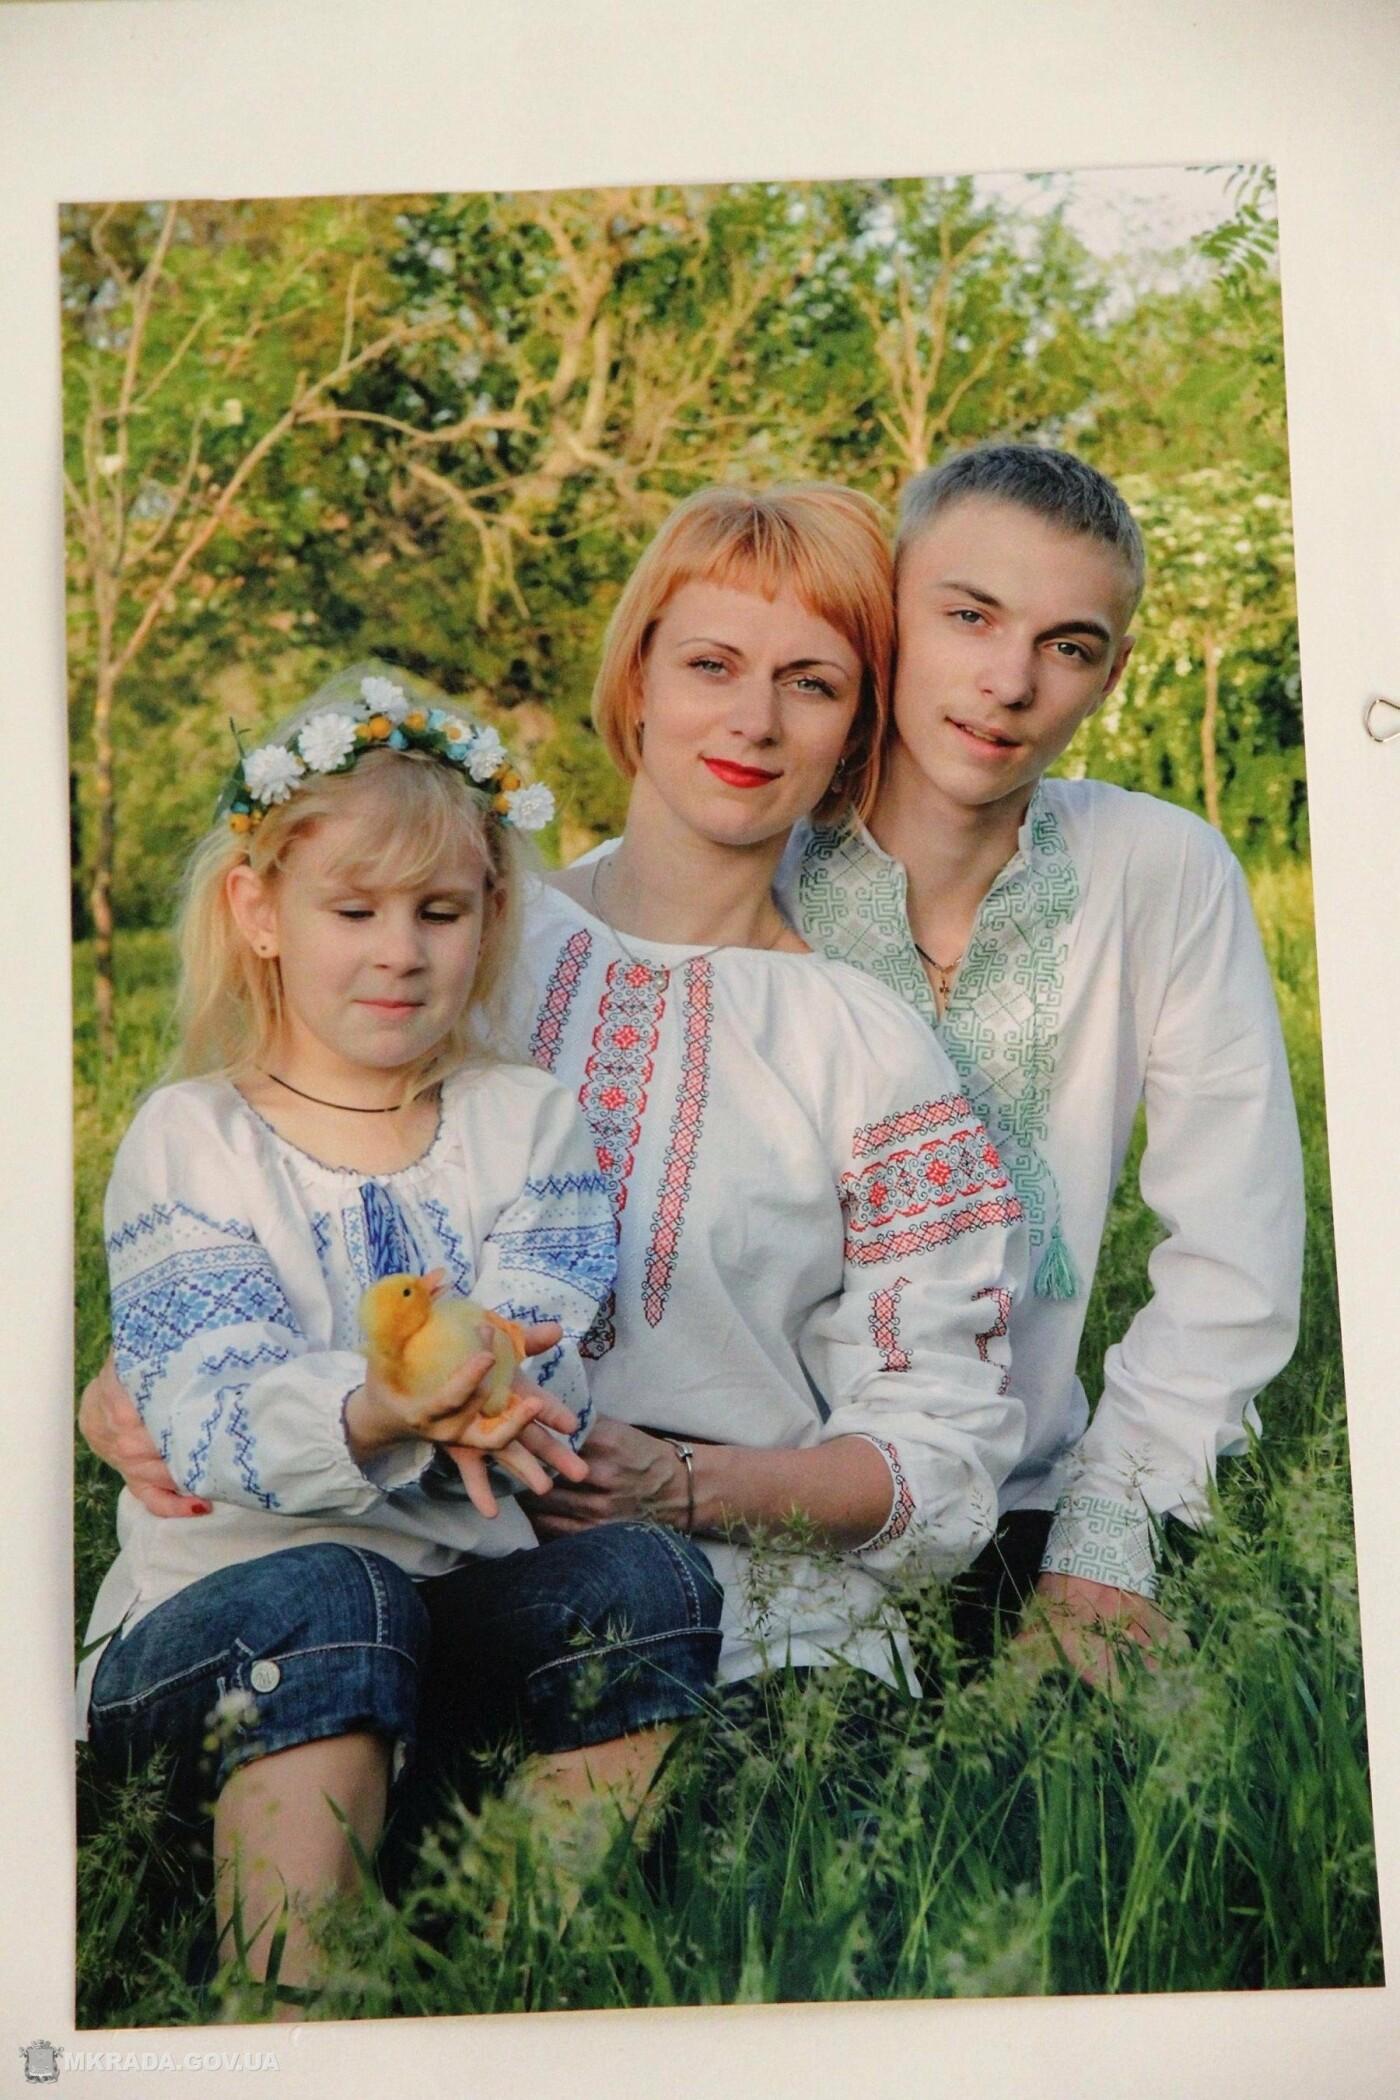 В Николаевском горсовете открылась фотовыставка «Мы - неповторимы!», - ФОТО, фото-1